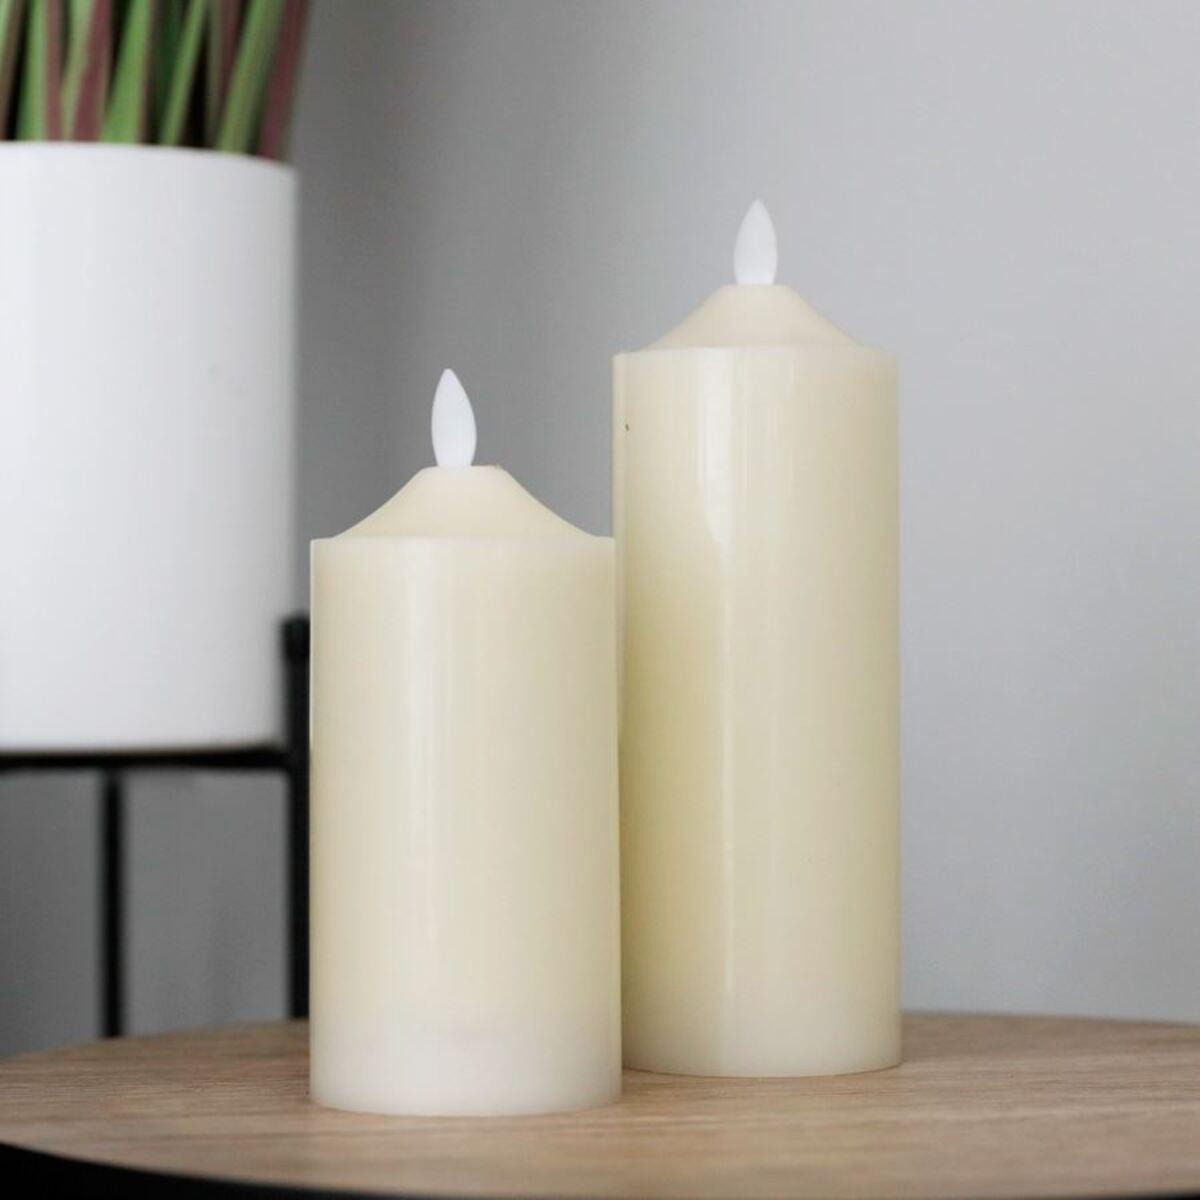 Bild 3 von LED-Altarkerze 7,5x17,5cm Elfenbein